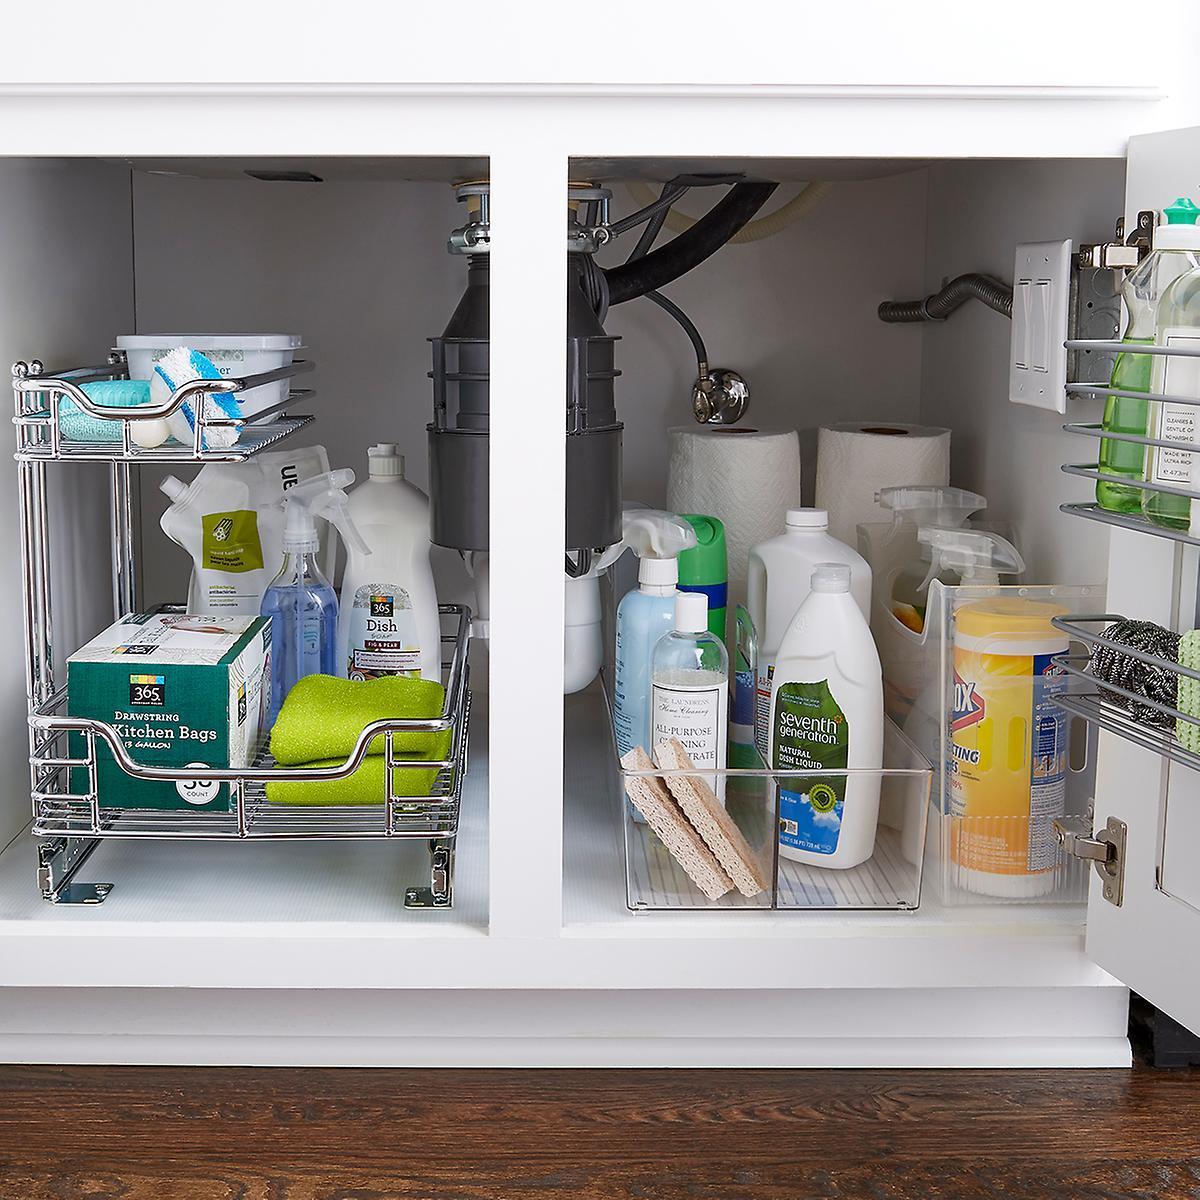 Kitchen Cabinet Organizing Ideas Pinterest: Under Sink Organization Starter Kit